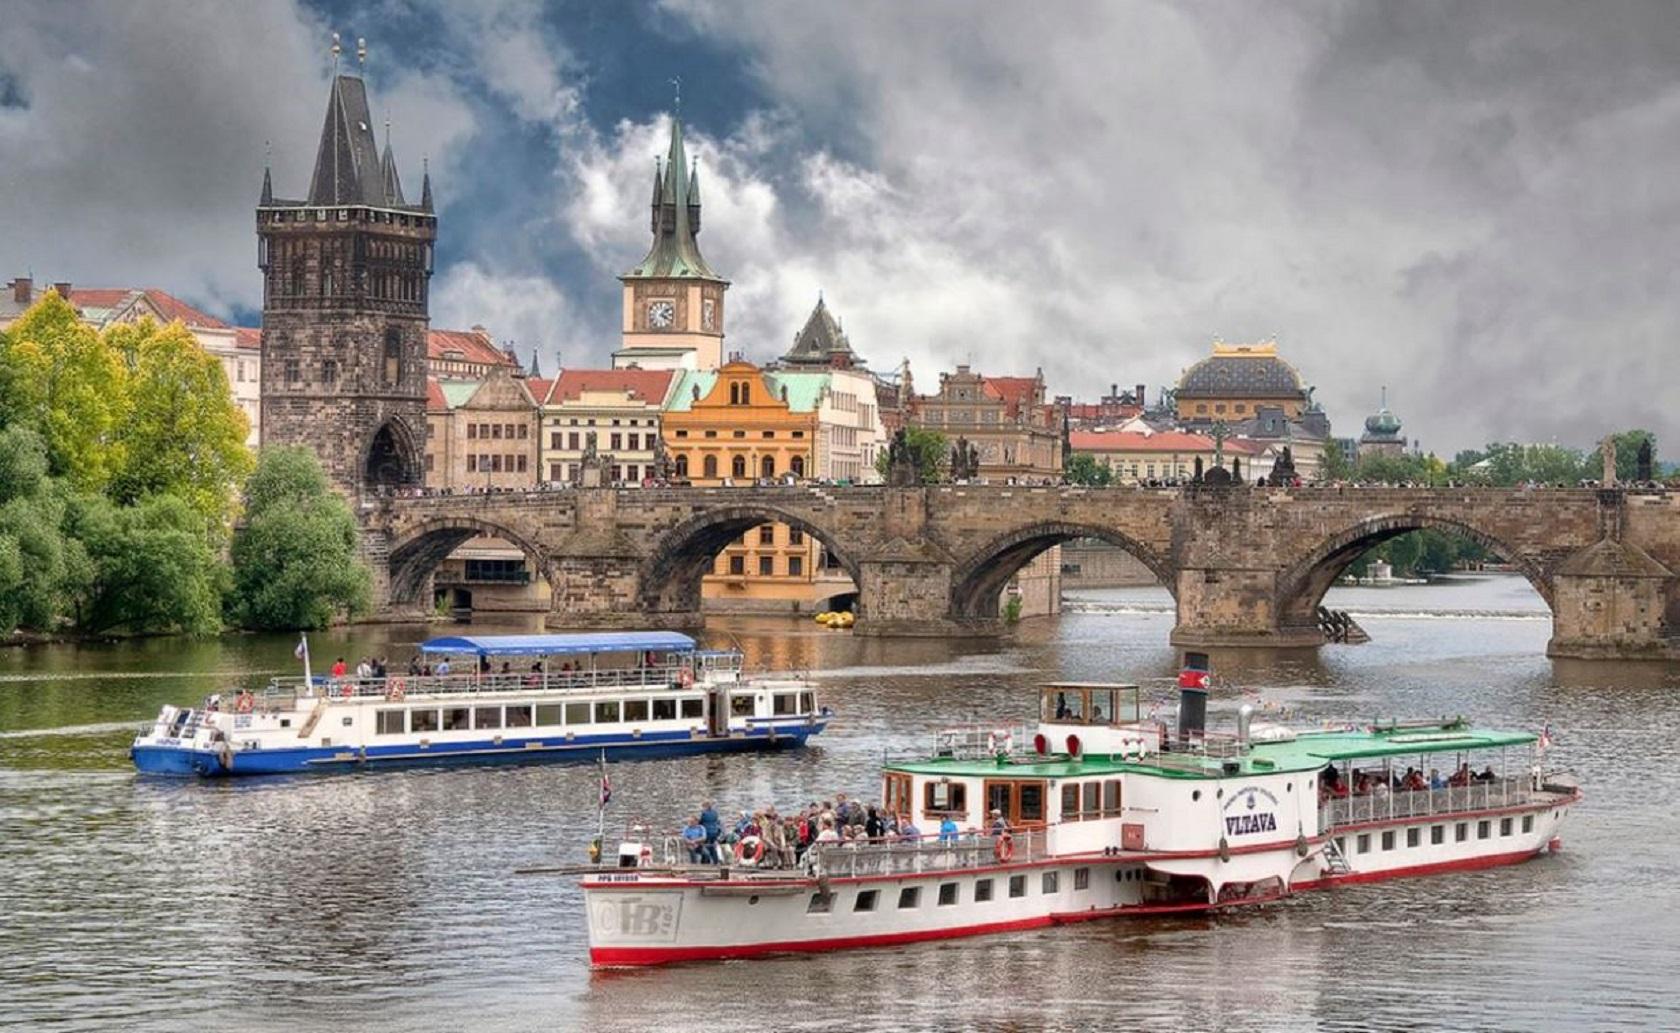 Водная прогулка по Влтаве в Праге